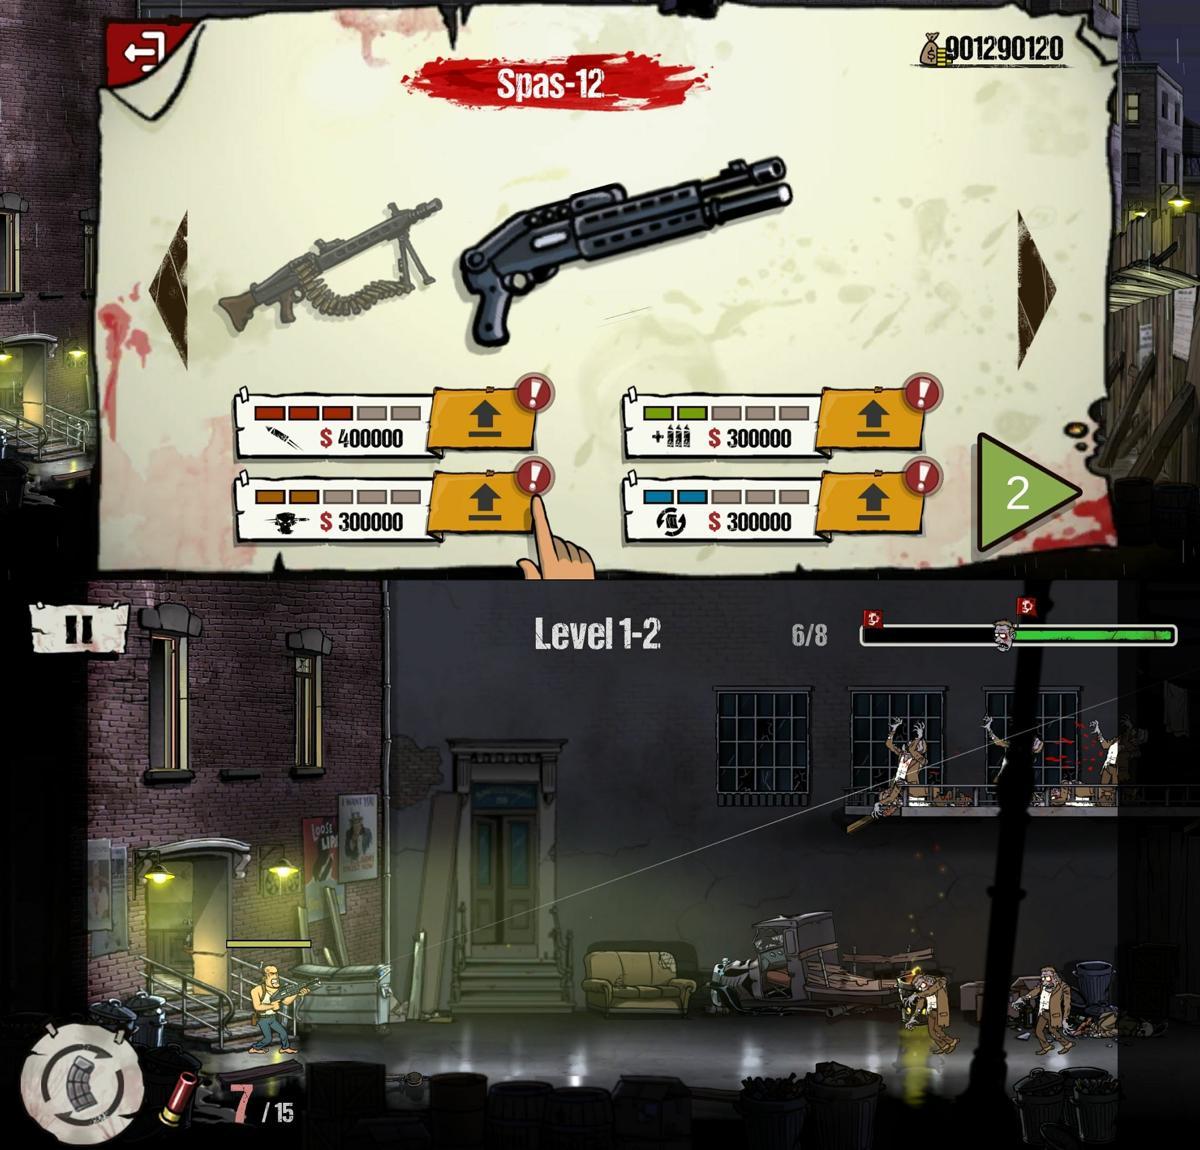 经典像素风射击游戏 僵尸射手,一款经典像素风格的动作冒险射击游戏